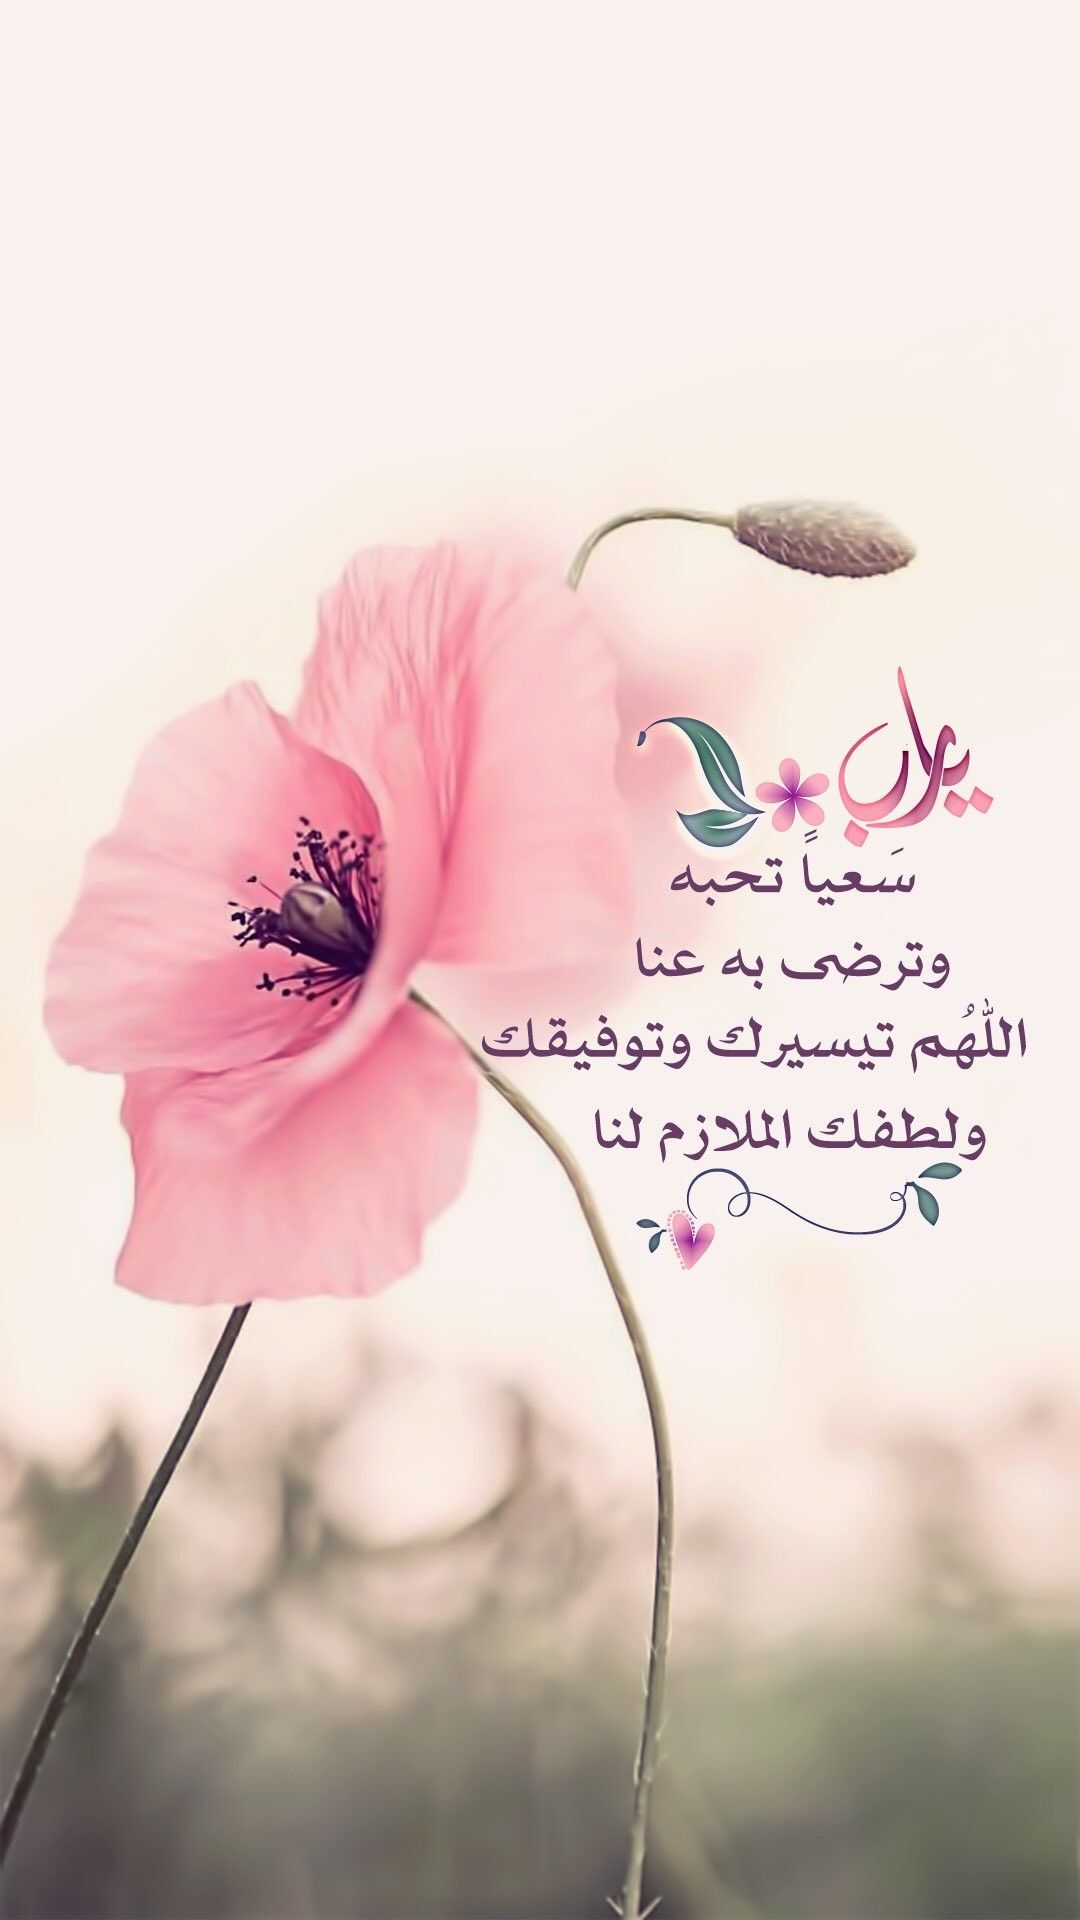 يارب س عيا ت حبه وت رضى به عن ا الله م ت يسيرك وتوفيقك ول طفك الملازم لما ㅤㅤㅤㅤㅤㅤㅤㅤㅤㅤ Beautiful Quran Quotes Islamic Messages Islamic Phrases